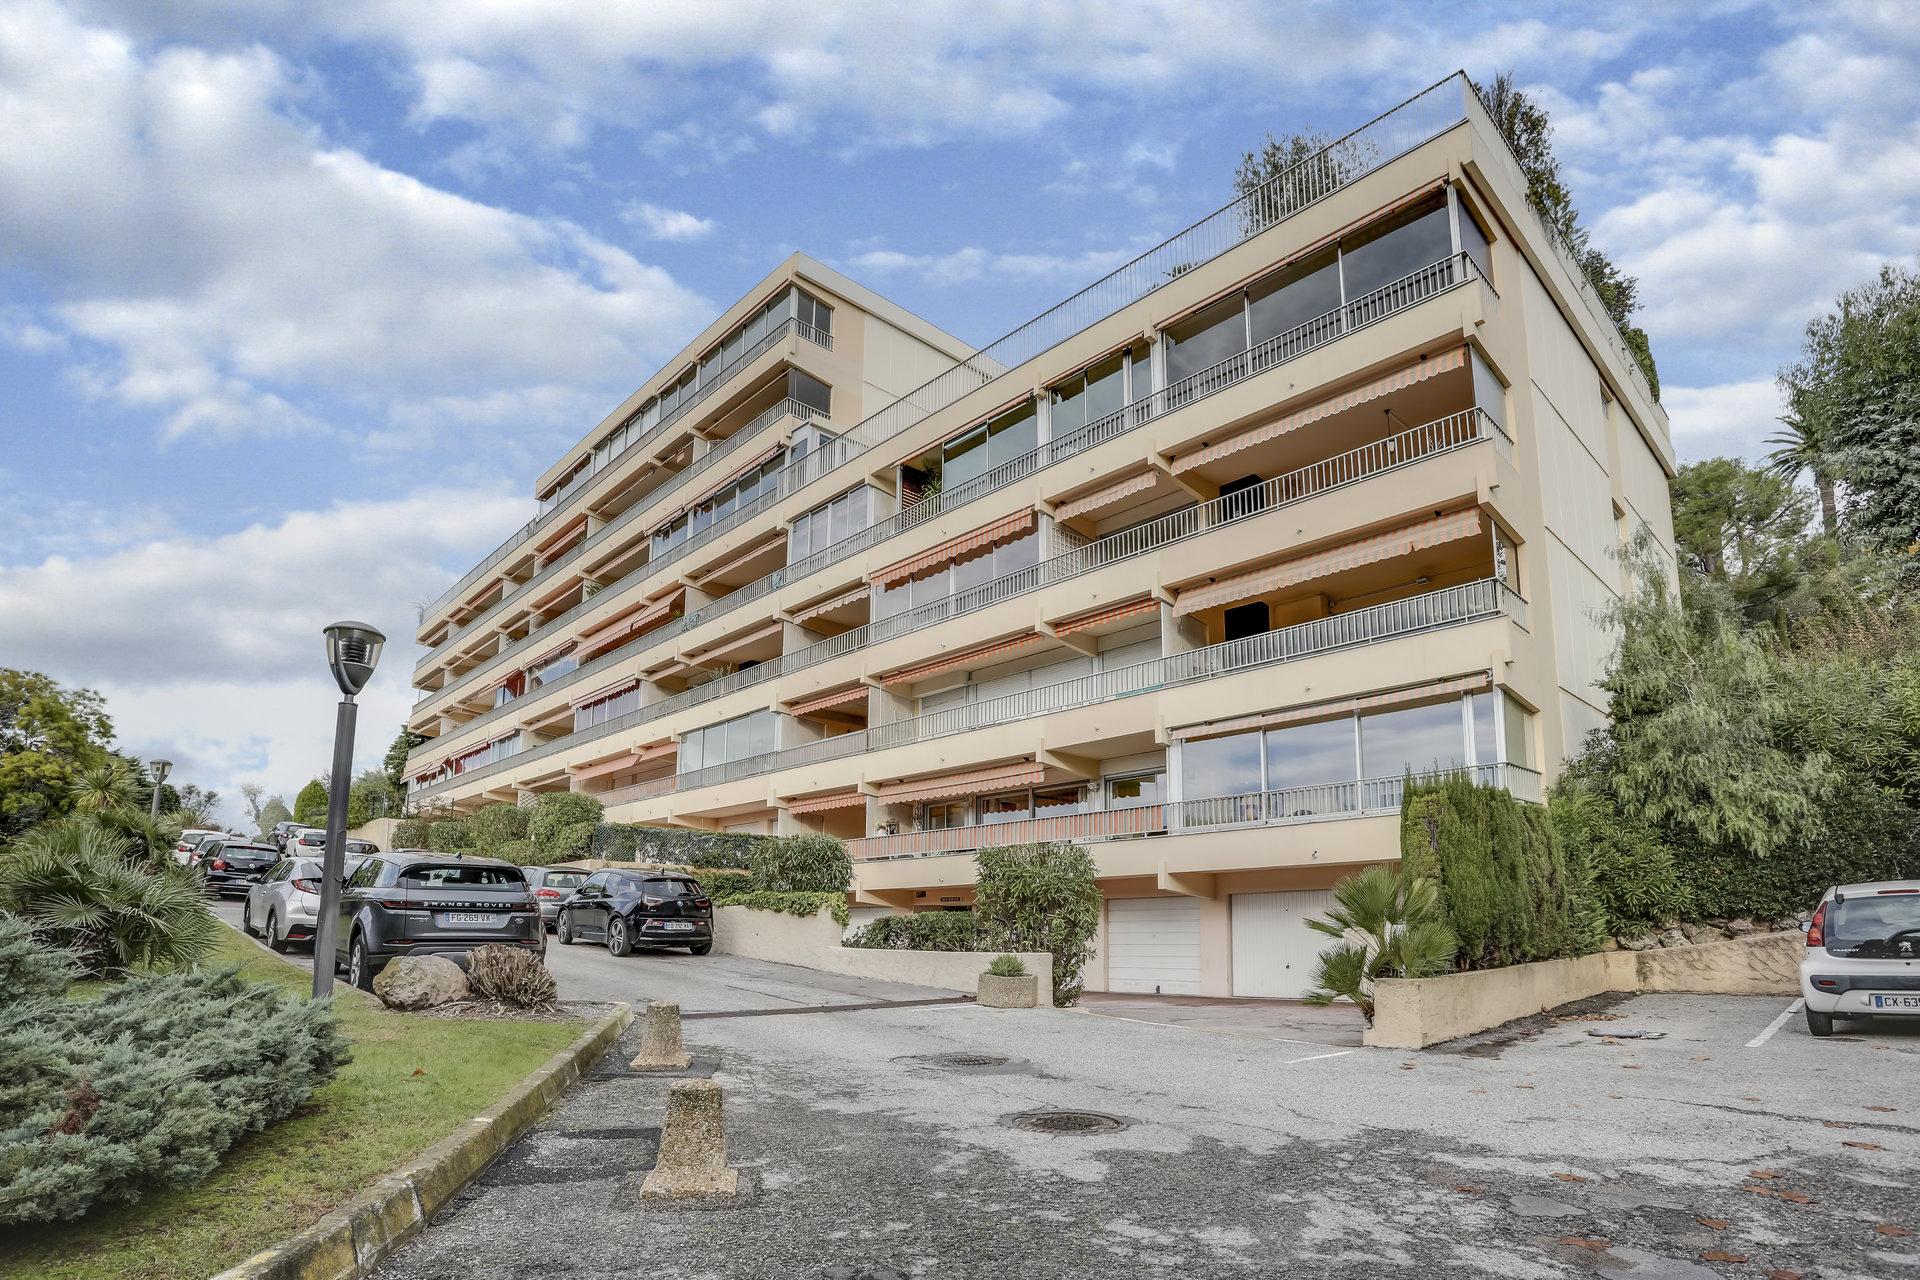 Antibes – Sydvendt 4 roms m/terrasse, sjøutsikt, garasje og pool.